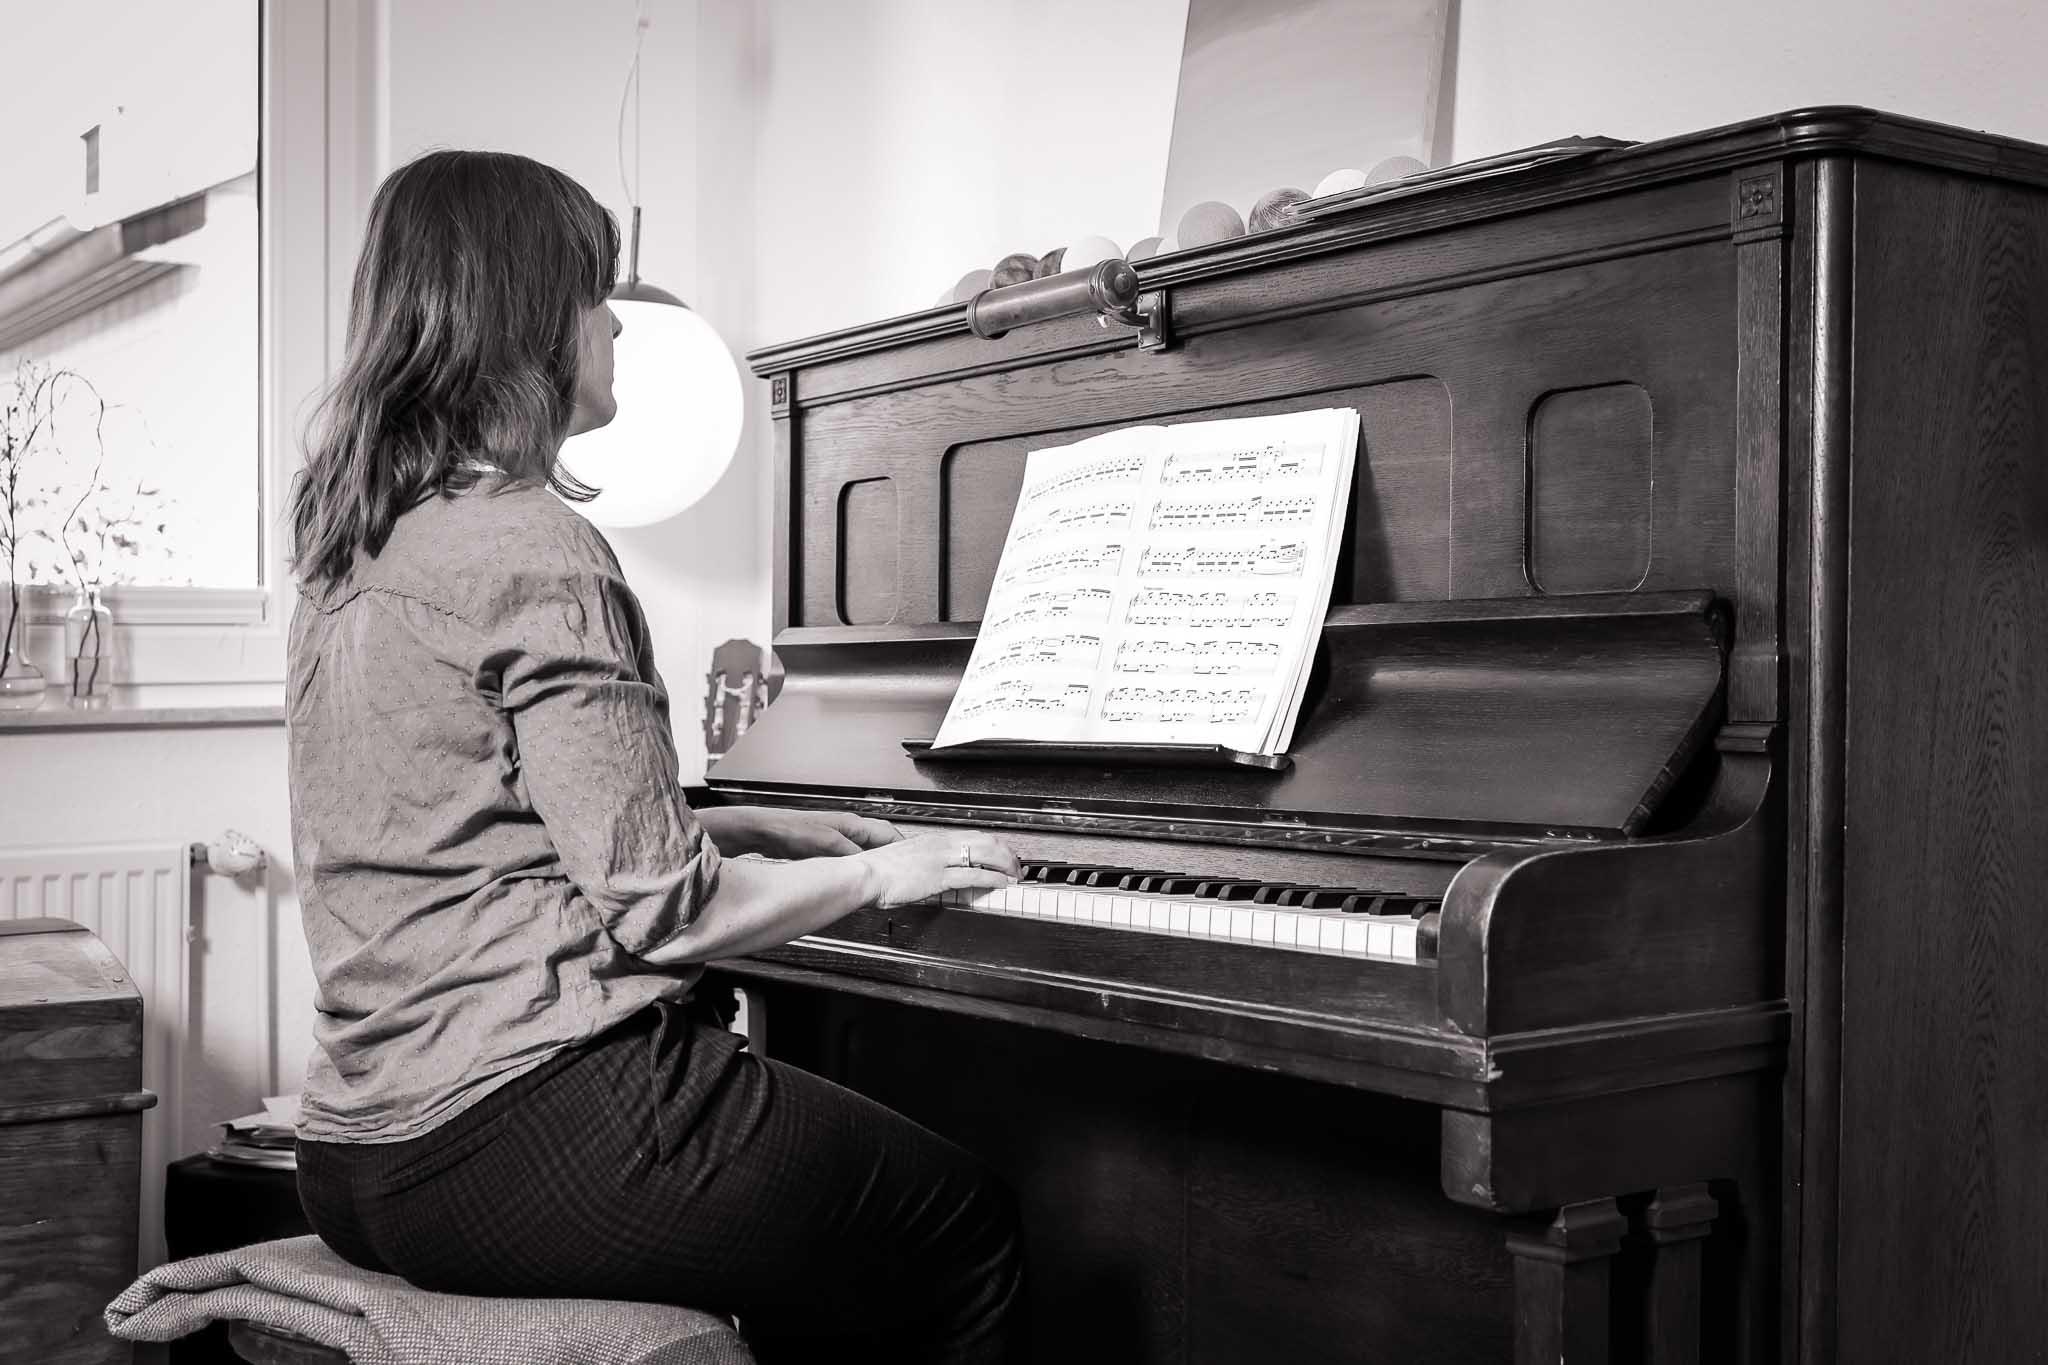 Julia spielt auf dem Klavier